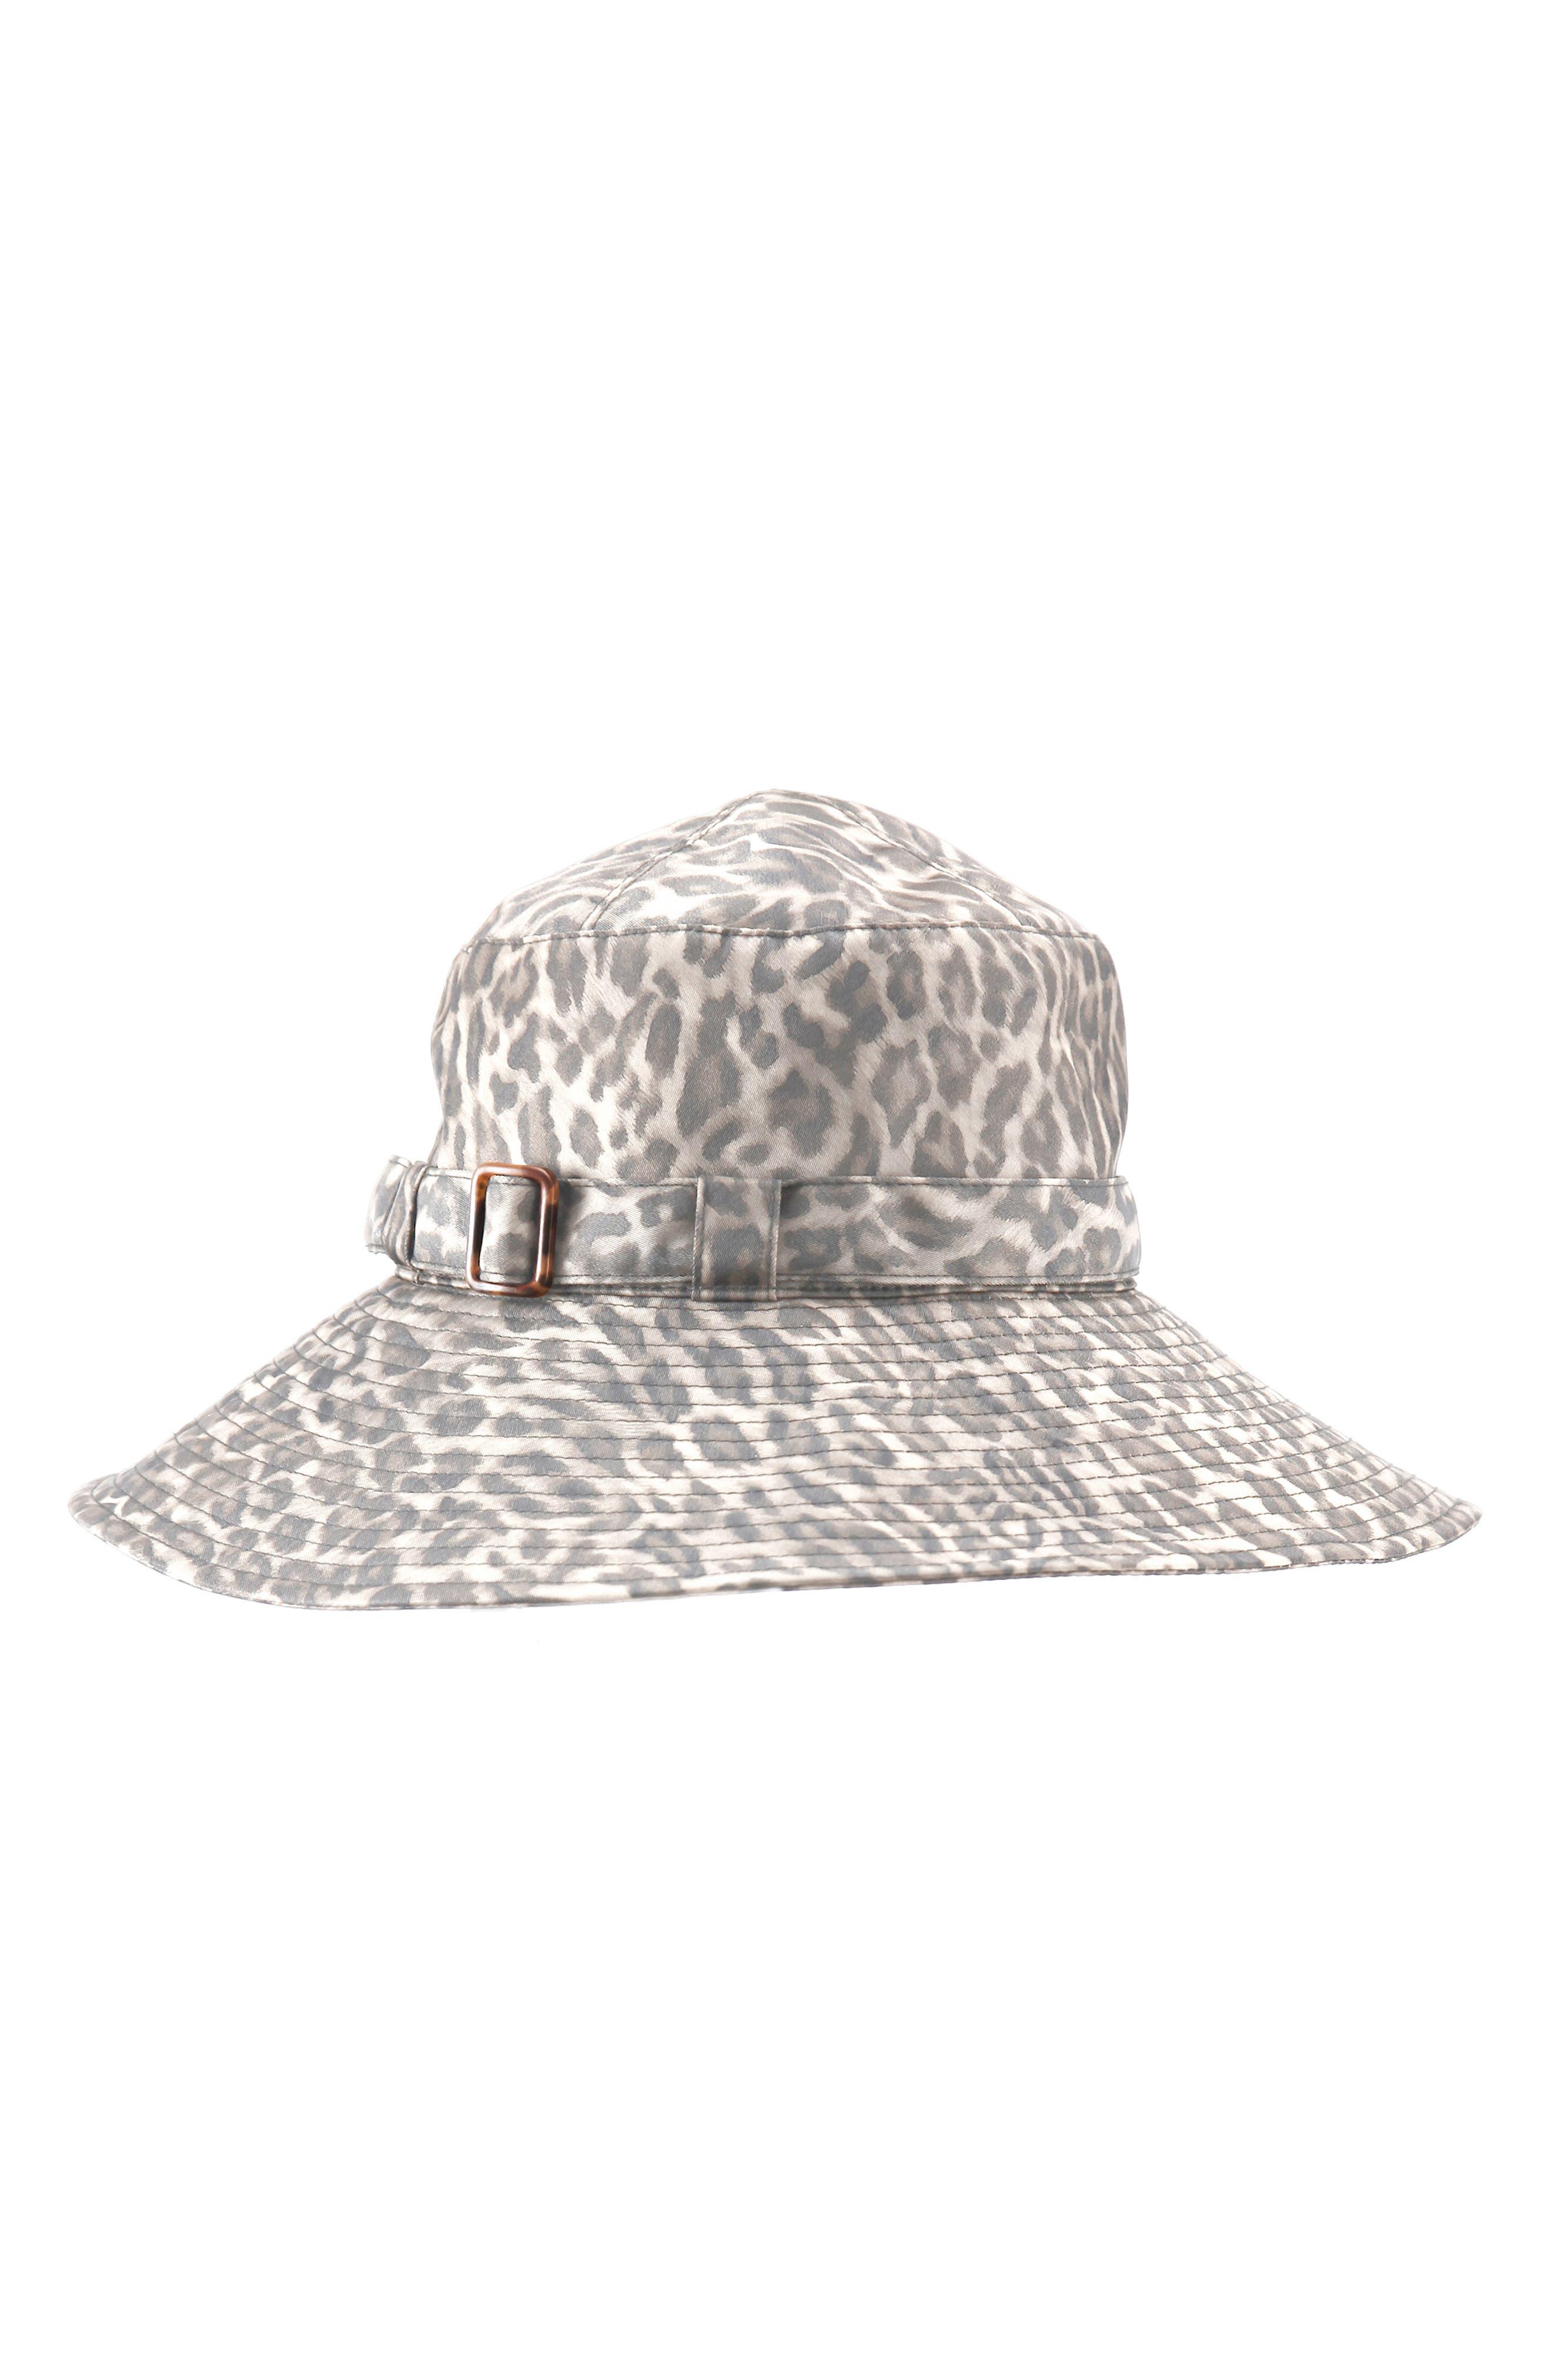 907ea5a040d Blue Hats for Women